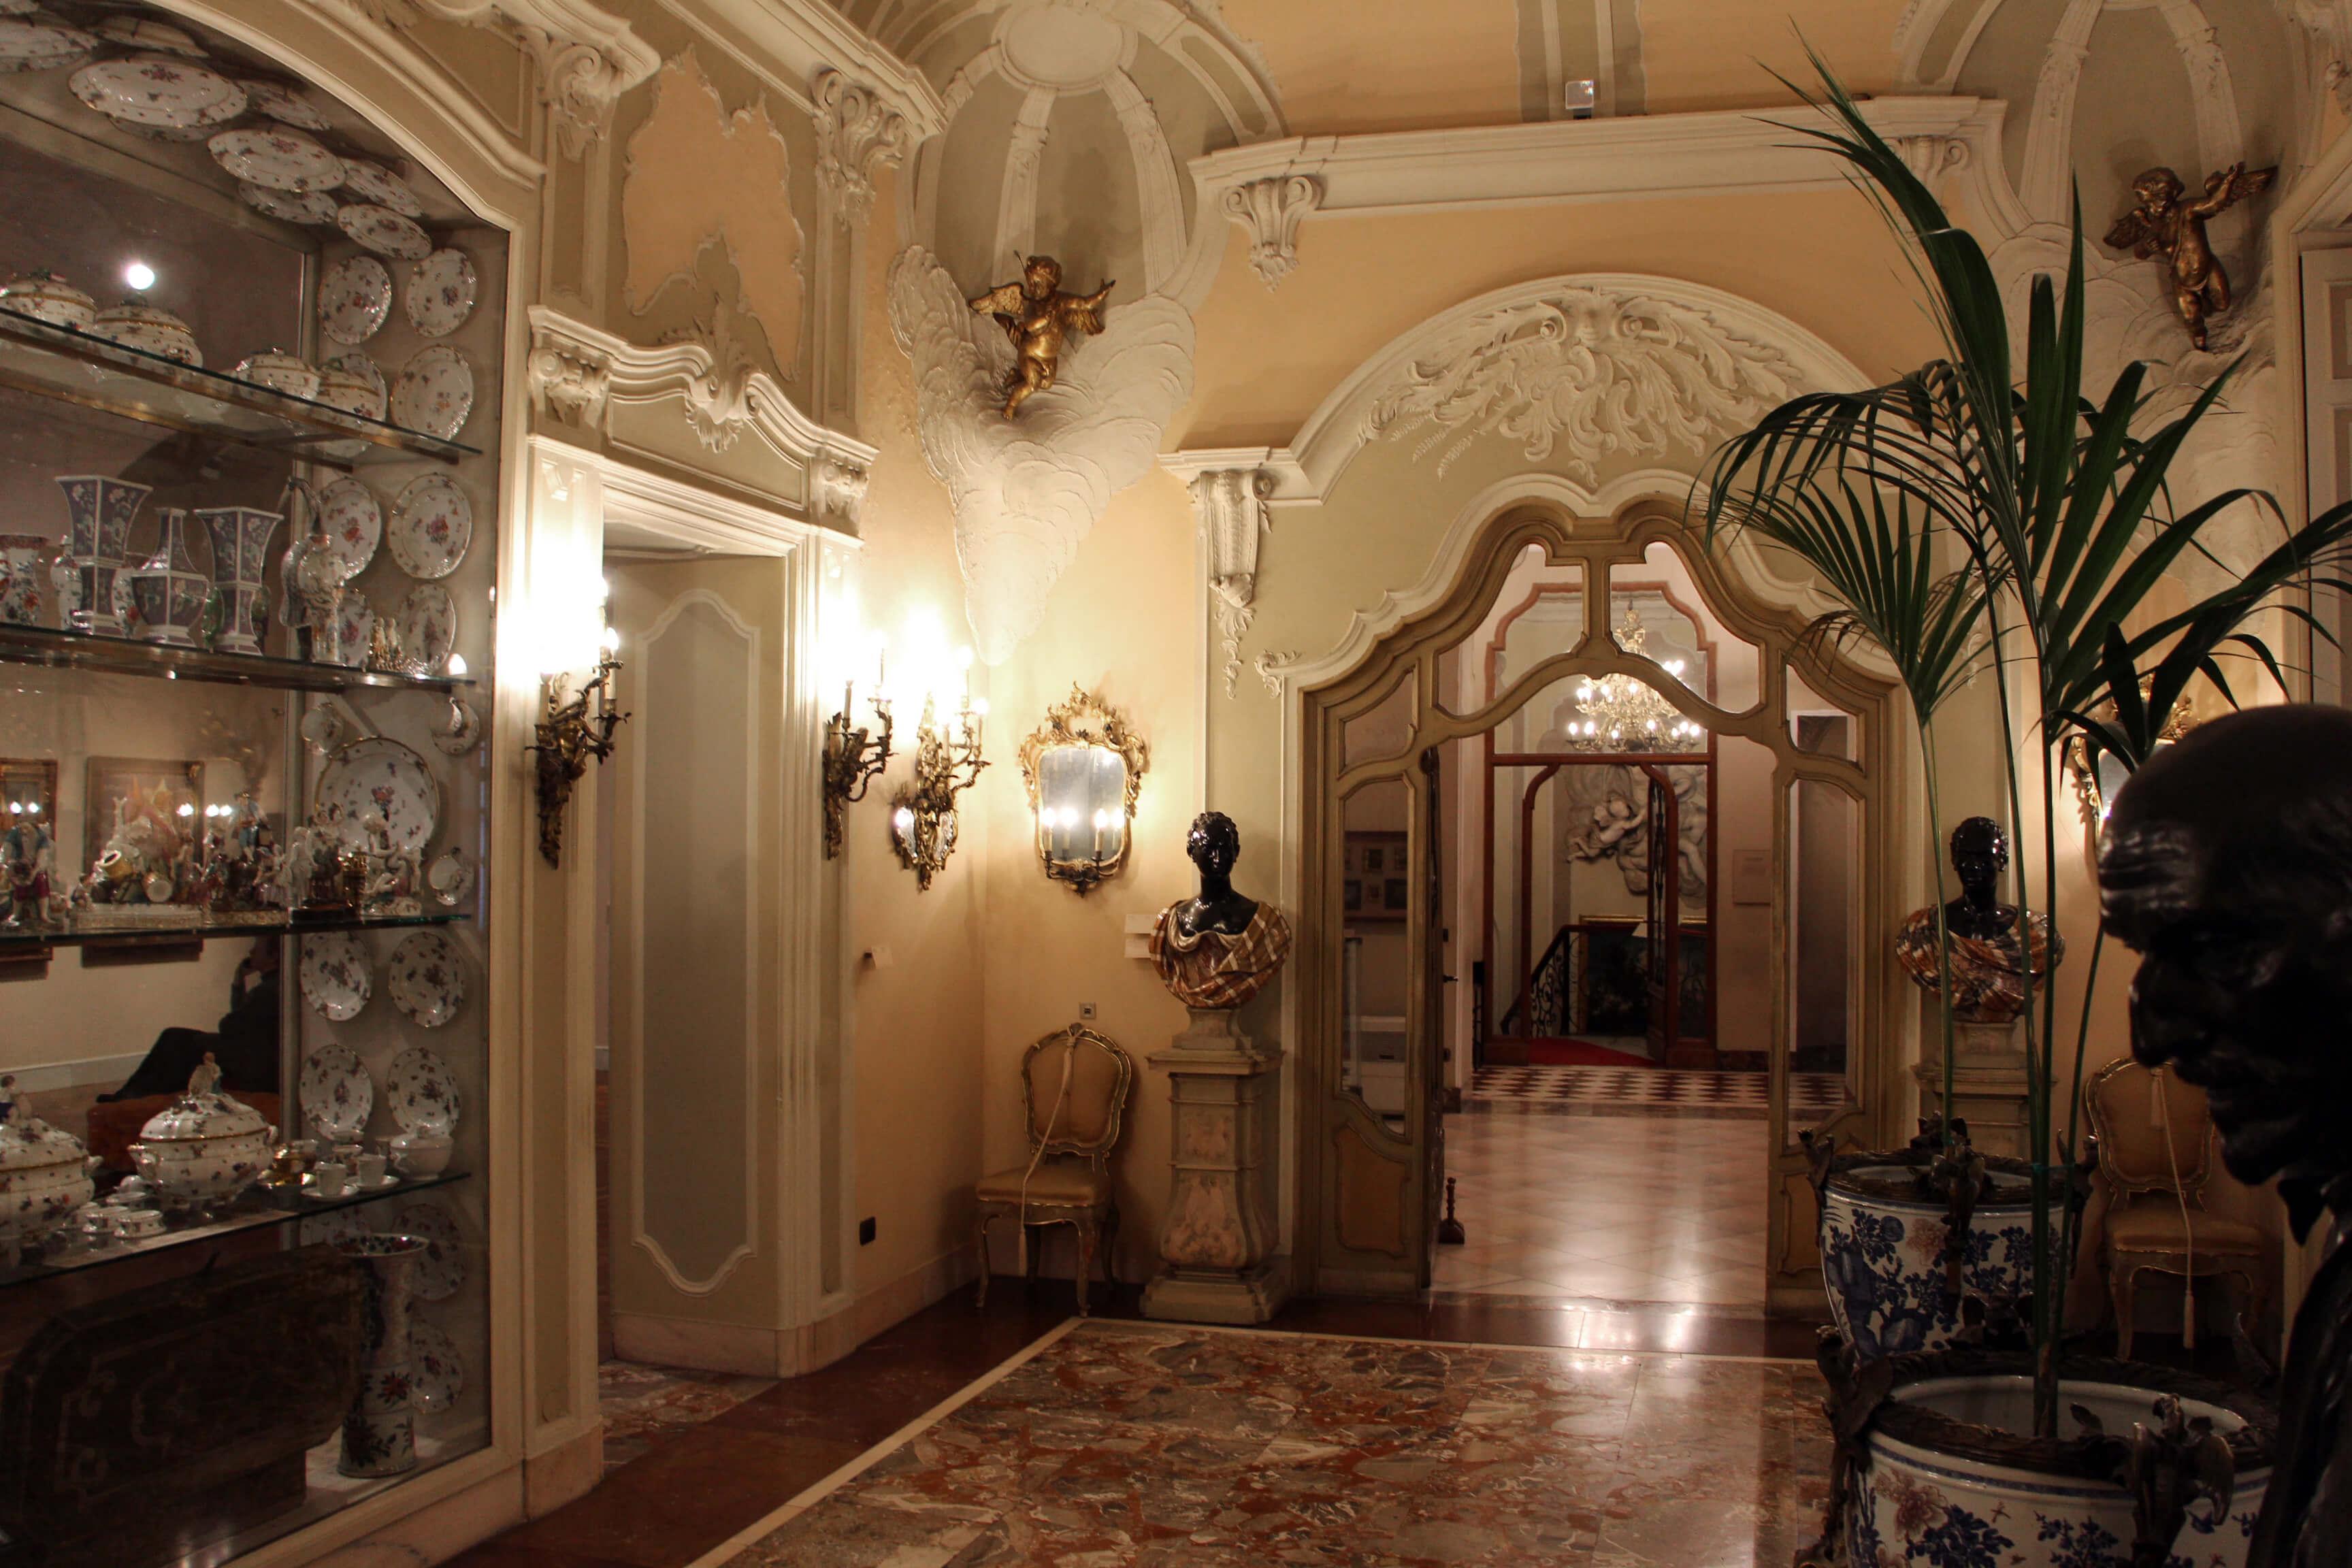 Palazzo_poldi_pezzoli,_sala_A_02 (1)